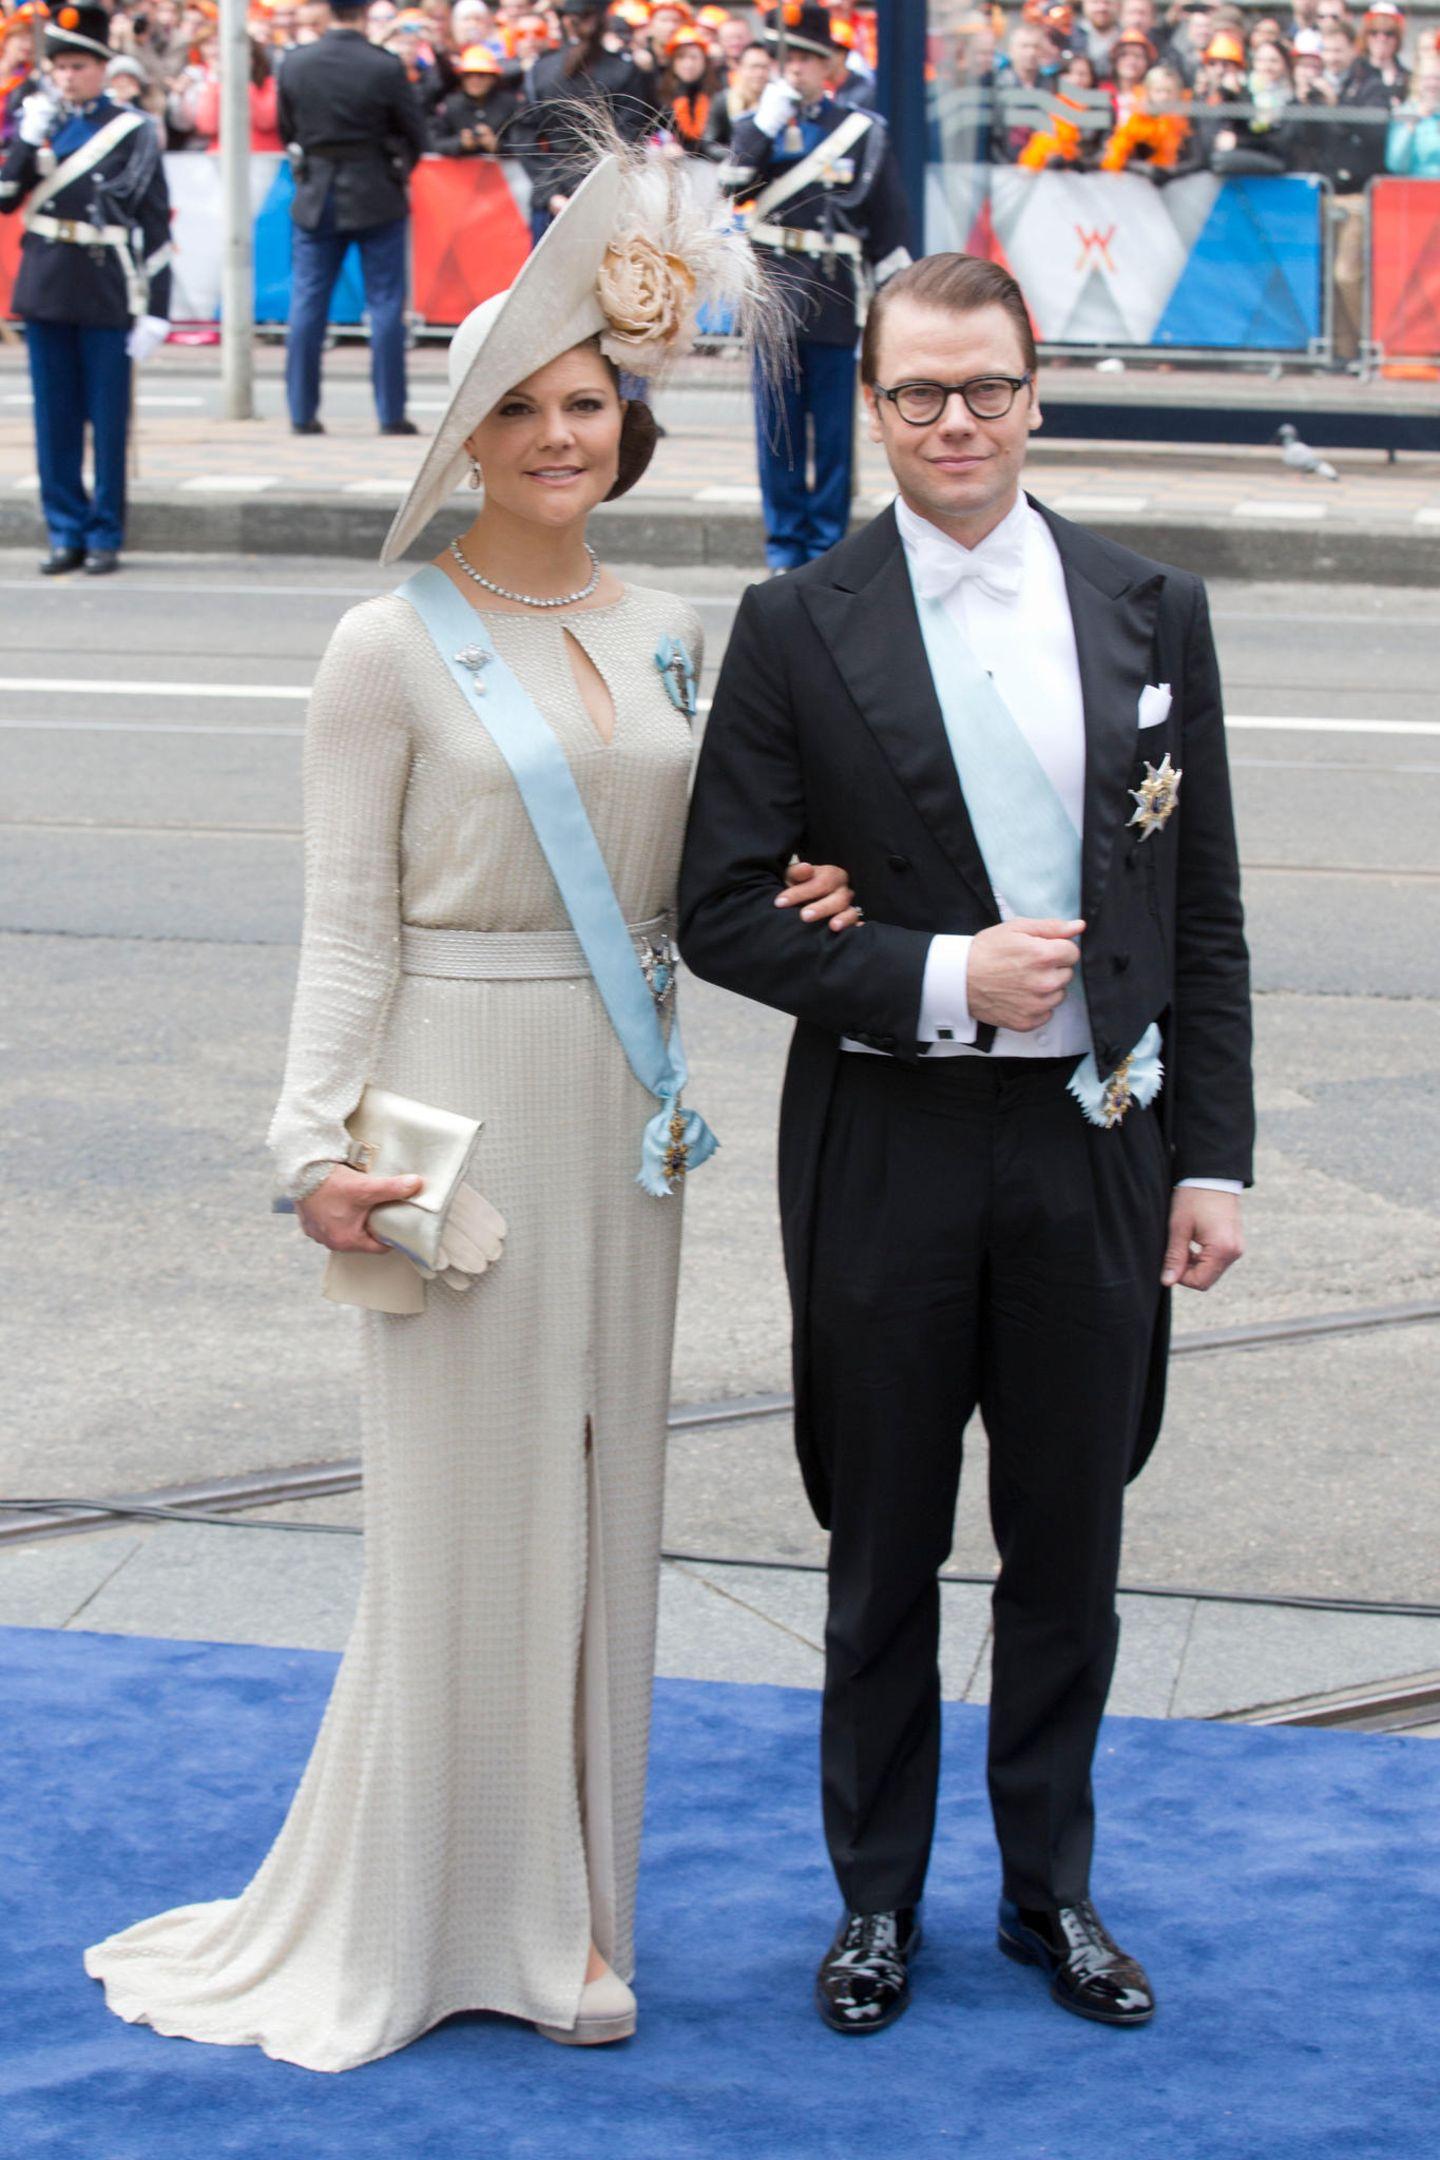 Na klar, das Kleid trug Prinzessin Victoria schon bei der Krönung von Willem Alexander im April 2013. Aber auch sechs Jahre später steht ihr das Kleid von Escada noch hervorragend.